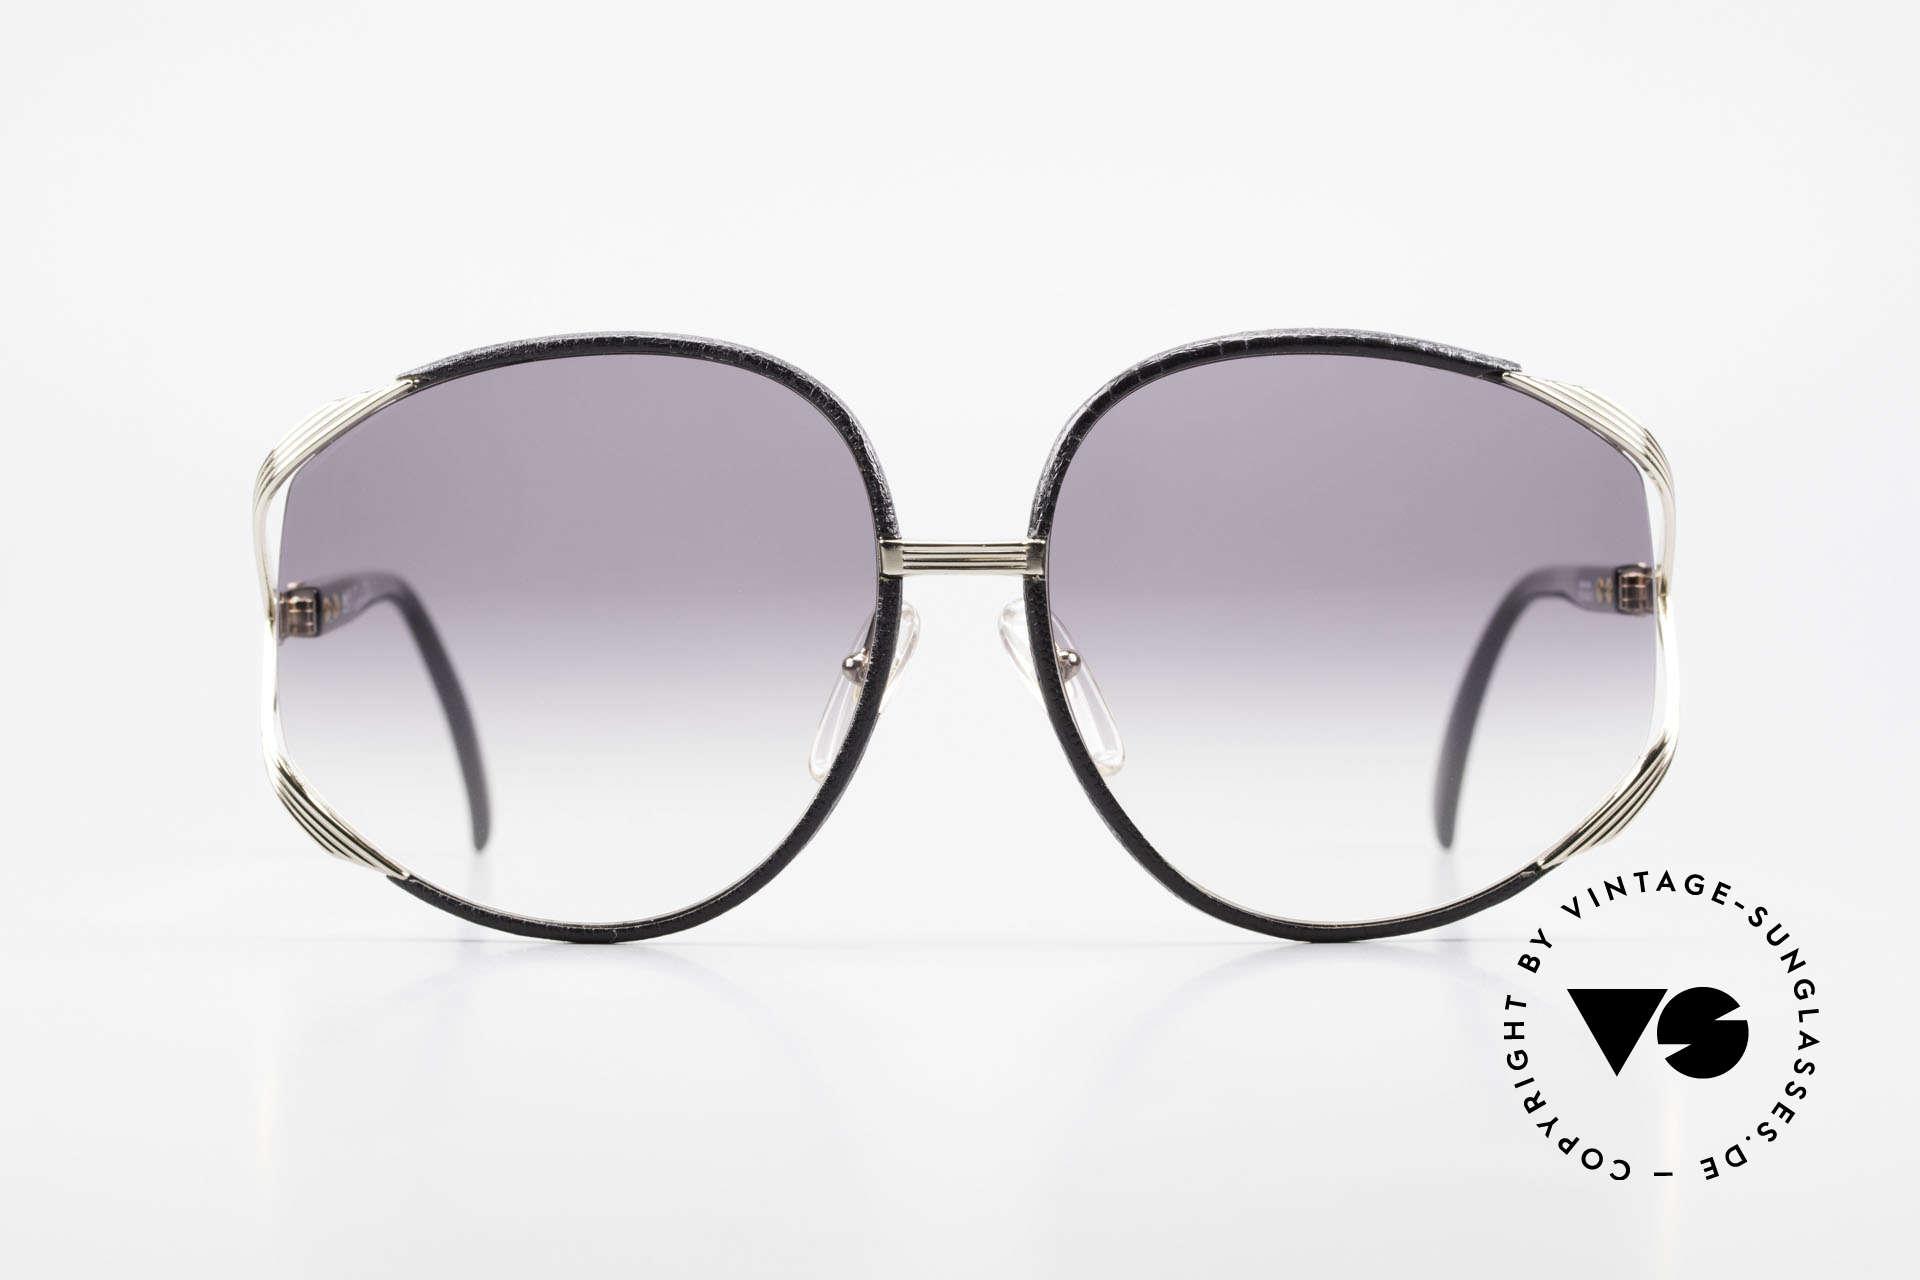 Christian Dior 2250 Rihanna Sonnenbrille Leder, sehr feminines, elegantes Design mit riesigen Gläsern, Passend für Damen